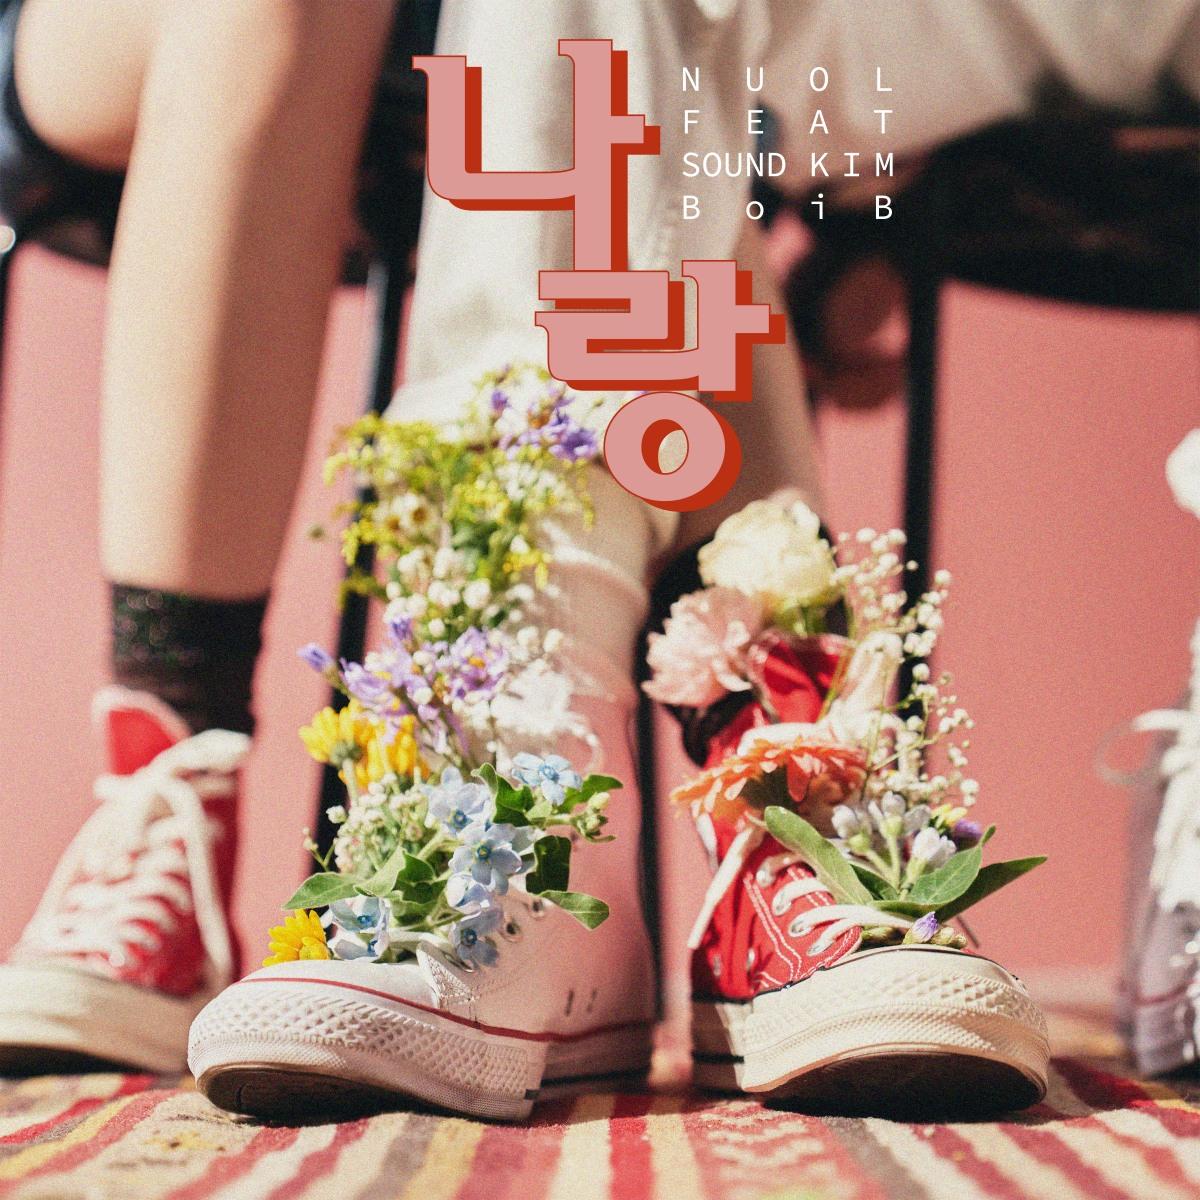 18일(토), 뉴올(Nuol) 싱글 앨범 '나랑' 발매   인스티즈